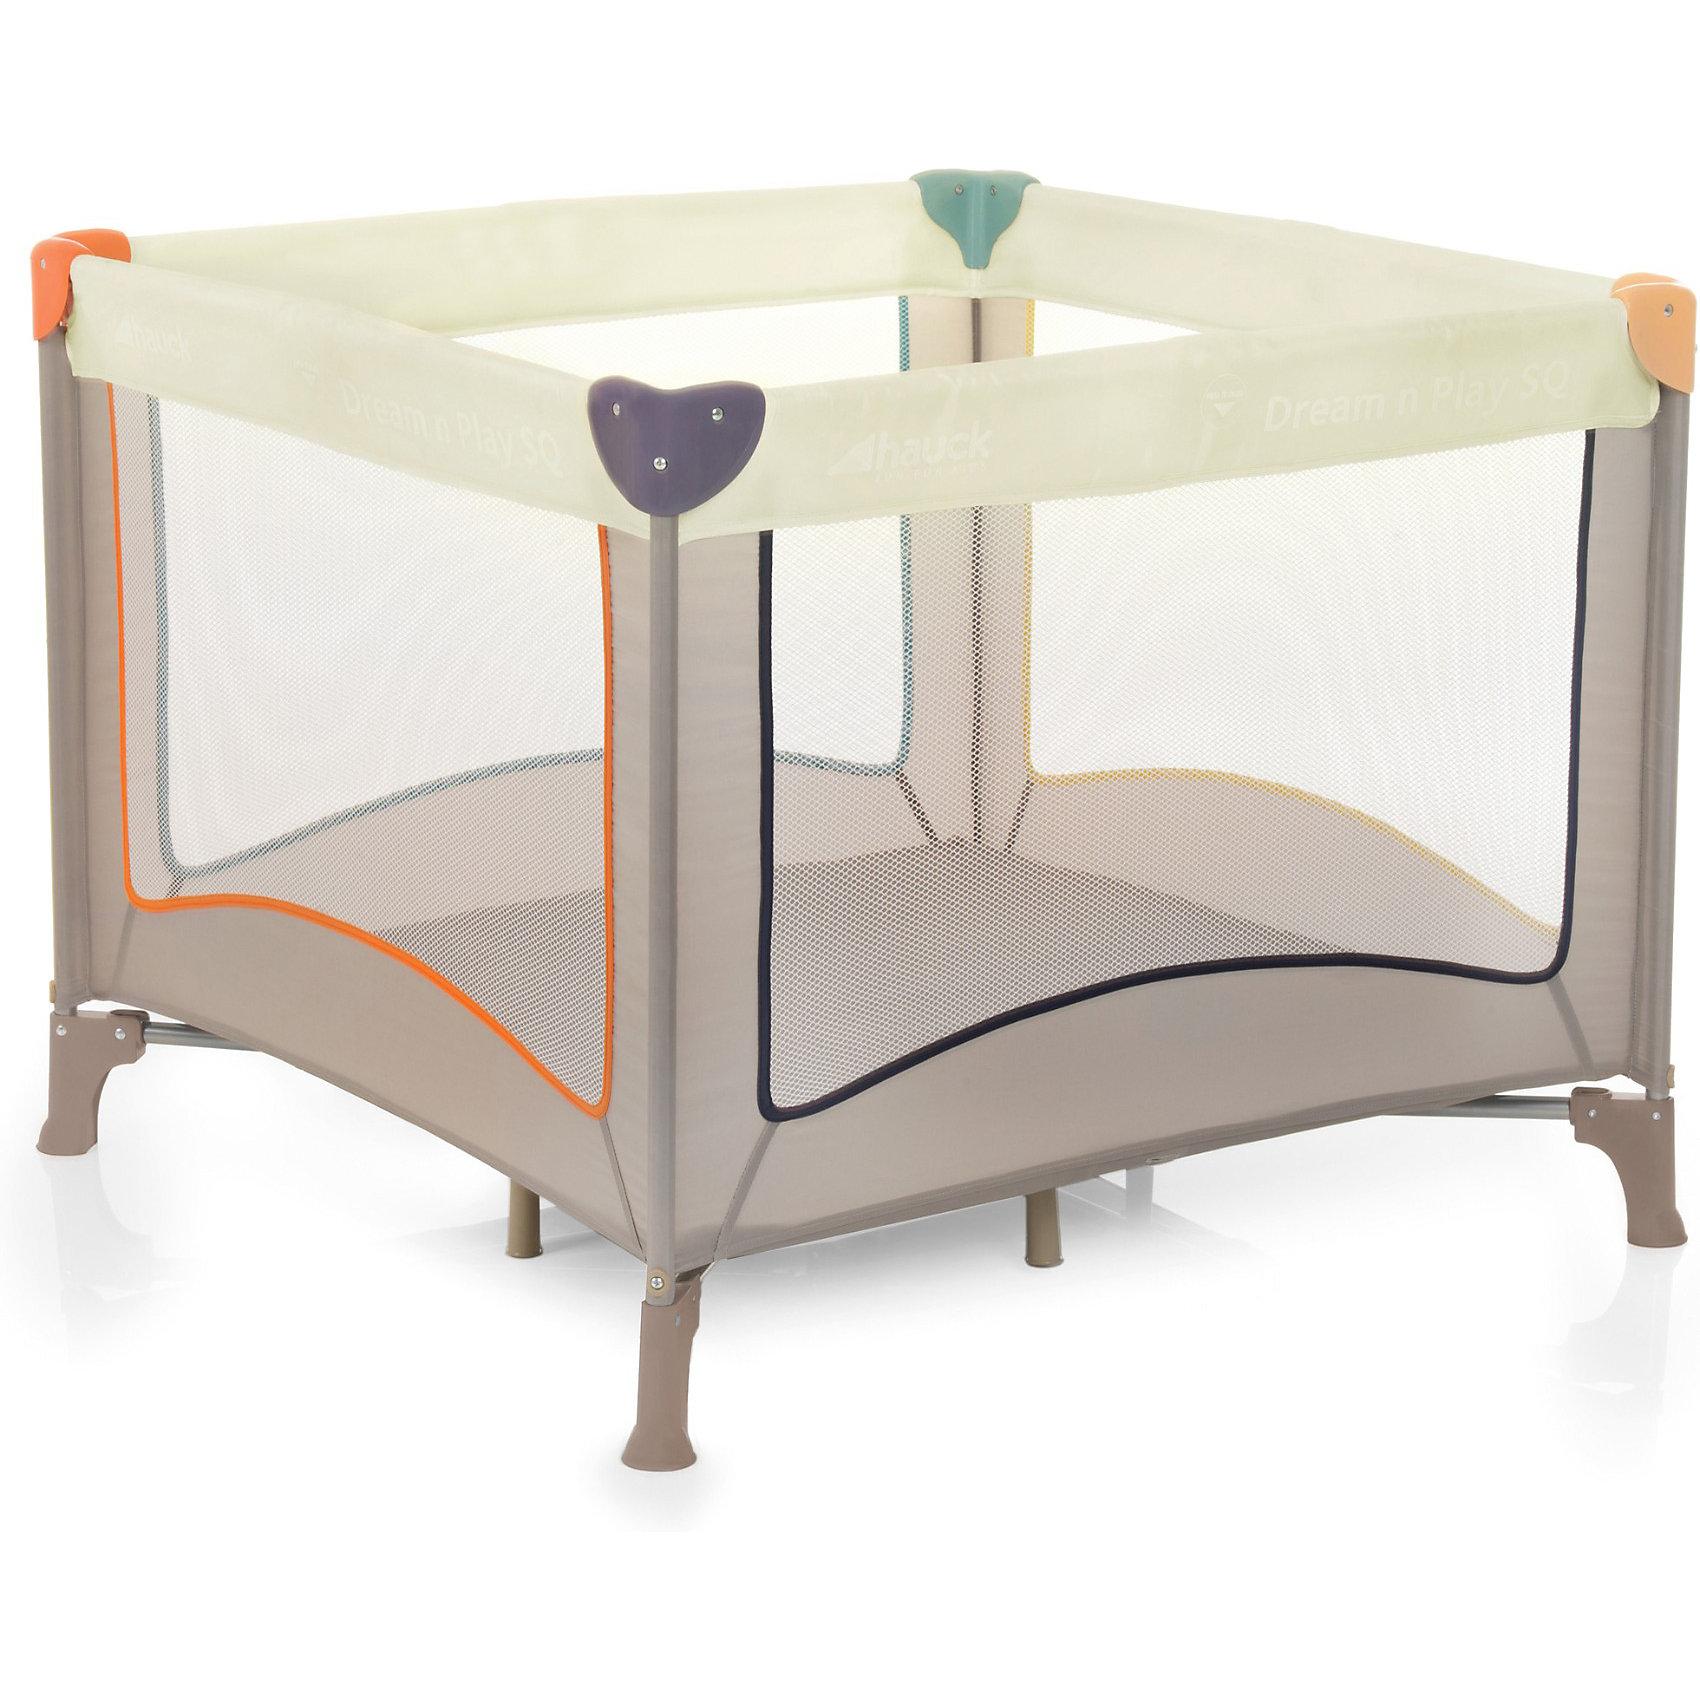 Манеж Dream`n Play Square, Hauck, multicolor beigeМанежи-кроватки<br>Манеж hauck Dreamn Play Square - для детей с 0 до 4 лет. Имеет квадратную форму, просторный.<br>Специальные двойные замки безопасности предохраняют hauck Dreamn Play от случайного складывания. Легкая система складывания по принципу зонтика, позволяет очень быстро сложить и разложить манеж.<br>Для дополнительной устойчивости и безопасности ребенка предусмотрены дополнительные центральные ножки.<br>Мягкие, прозрачные боковые стенки свободно пропускают воздух и позволяют не только присматривать за ребенком, но и позволяют Вашему малышу не чувствовать себя одиноким.<br><br>Вес: 13 кг.<br>Размеры внутренние (ДхШхВ): 96х96 см.<br>Размеры внешние (ДхШхВ):103 x 103 x 74,5 см.<br>С рождения до 15 кг.<br><br>В комплекте: складной коврик, сумка-чехол с ручками для удобной транспортировки.<br><br>Ширина мм: 885<br>Глубина мм: 198<br>Высота мм: 219<br>Вес г: 10000<br>Цвет: бежевый<br>Возраст от месяцев: 0<br>Возраст до месяцев: 36<br>Пол: Унисекс<br>Возраст: Детский<br>SKU: 3768813